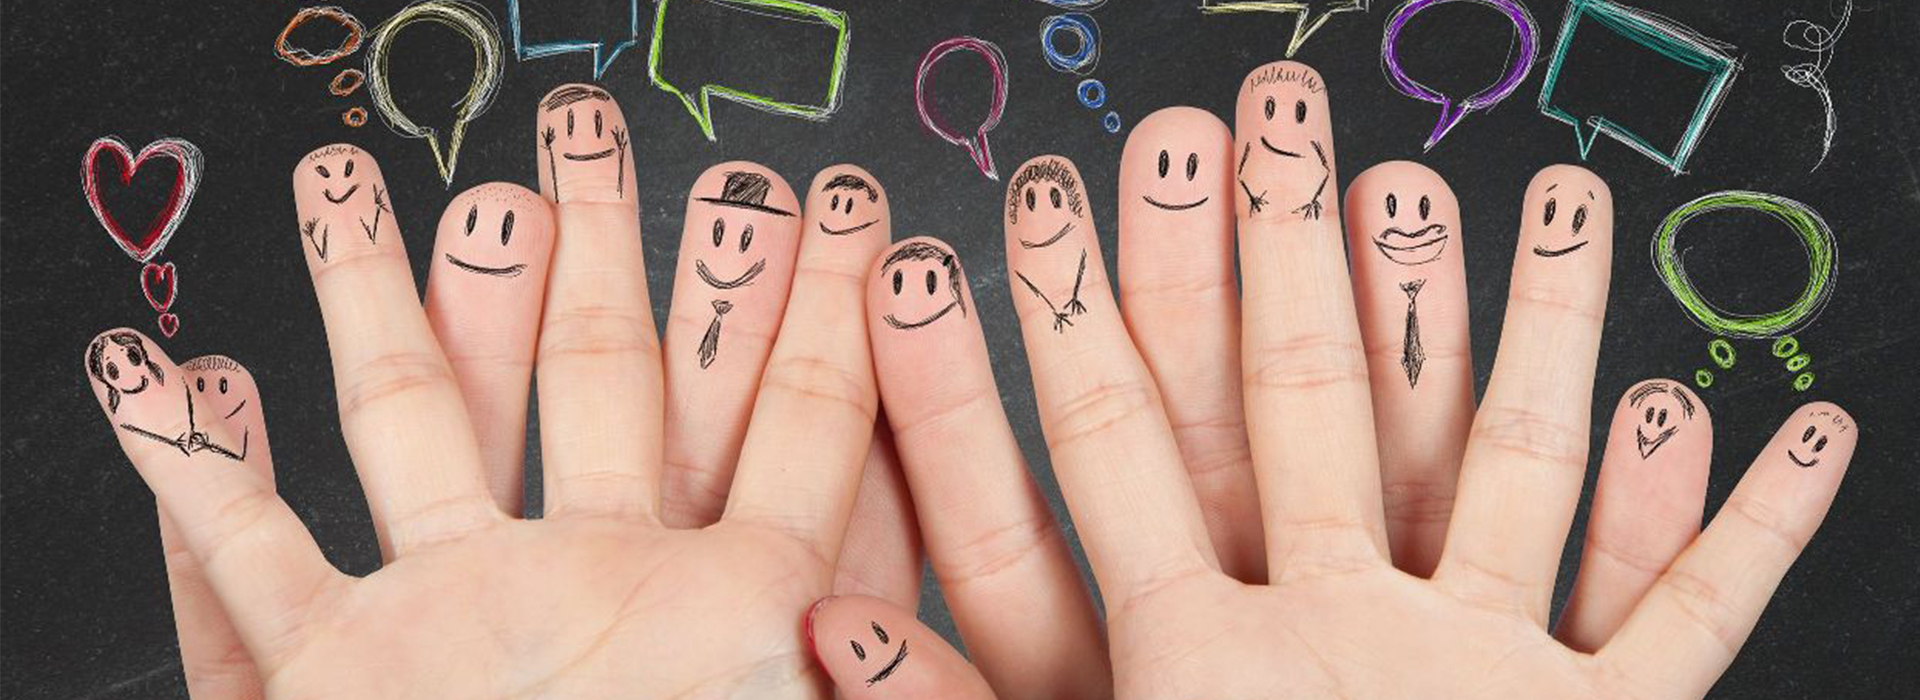 掌握跨文化溝通能力 讓你在全球都能表達自己